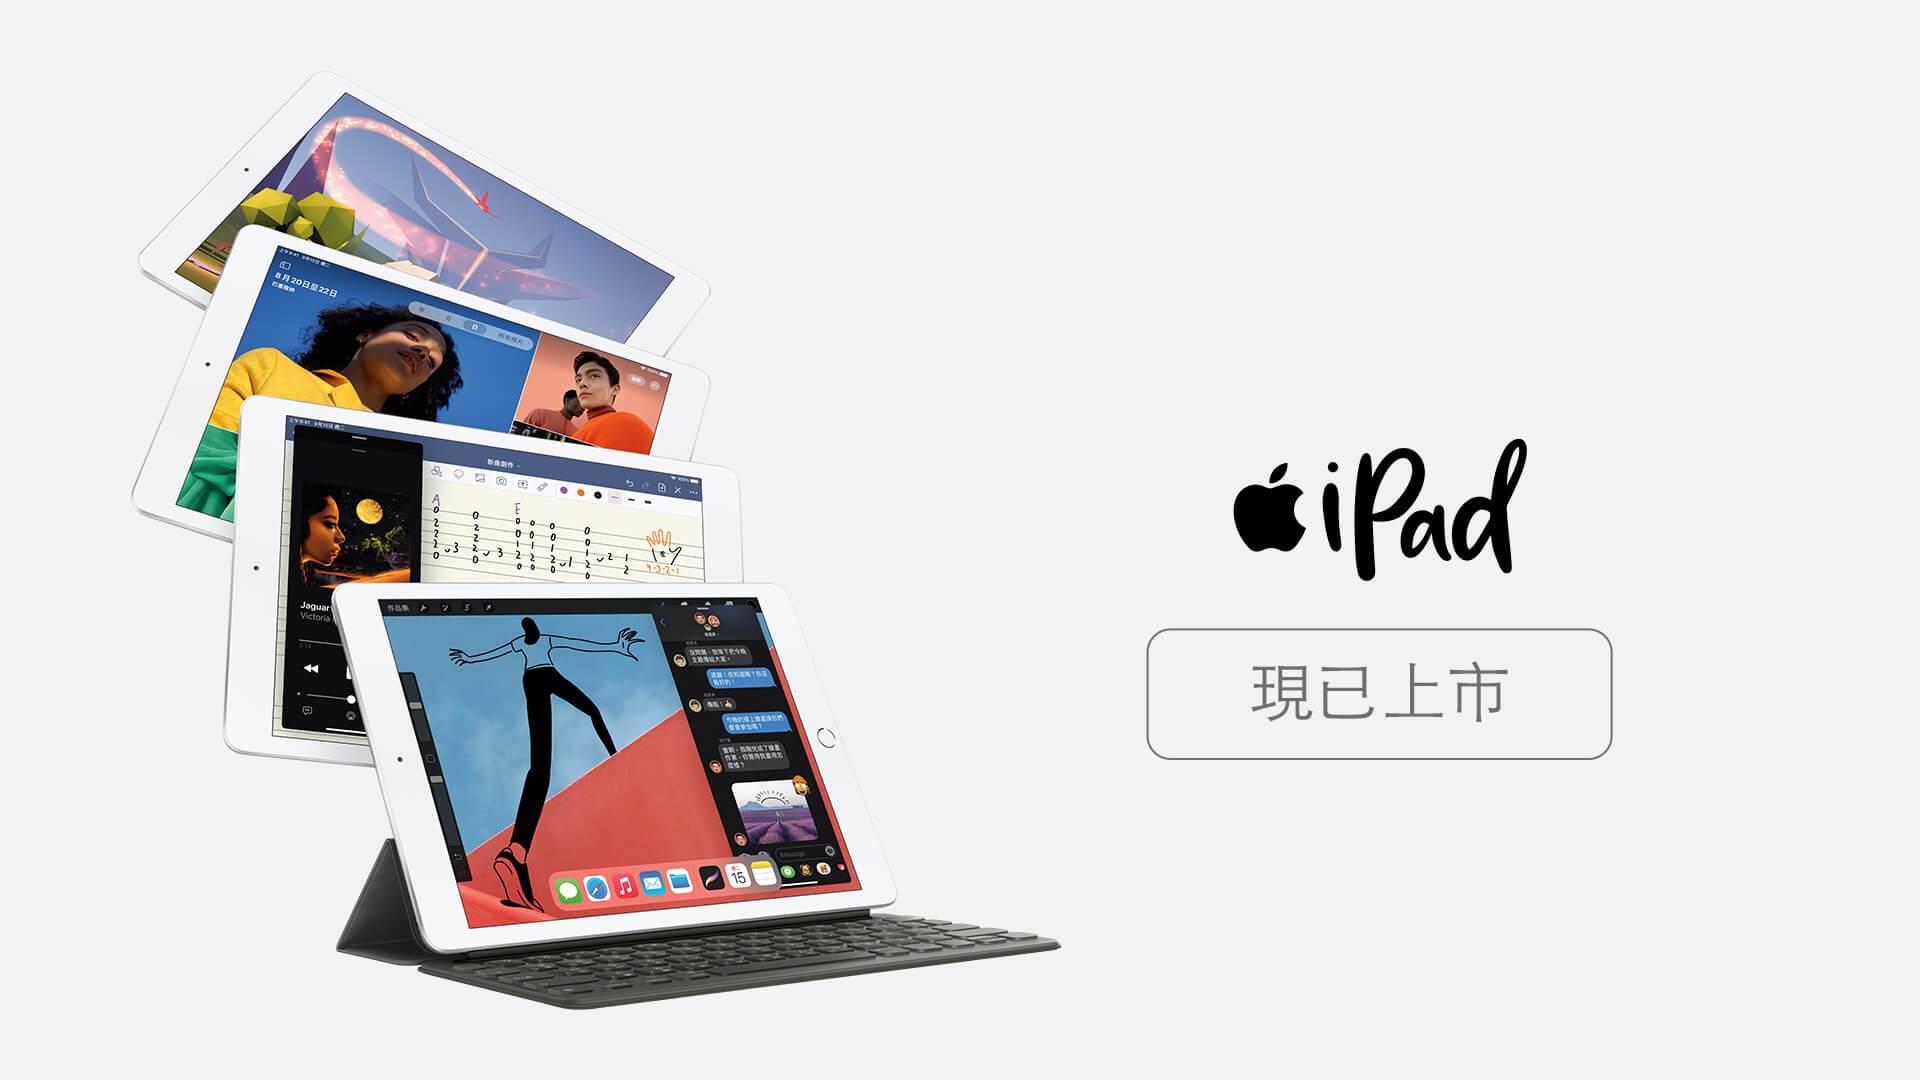 iPad (第八代) 現已上市